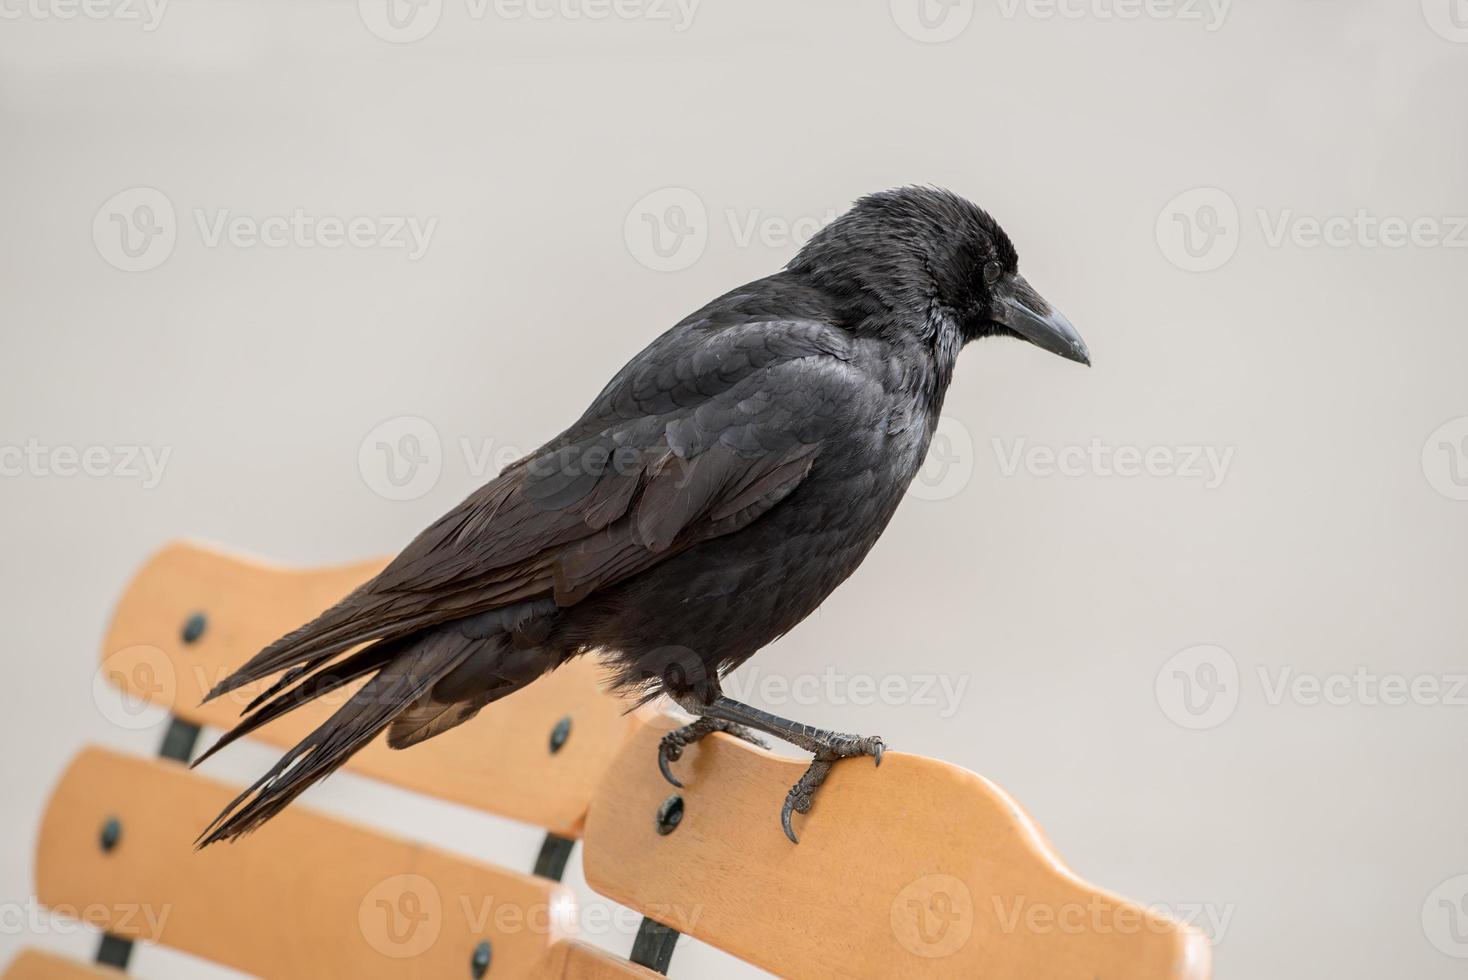 cuervo sentado en un sillón foto